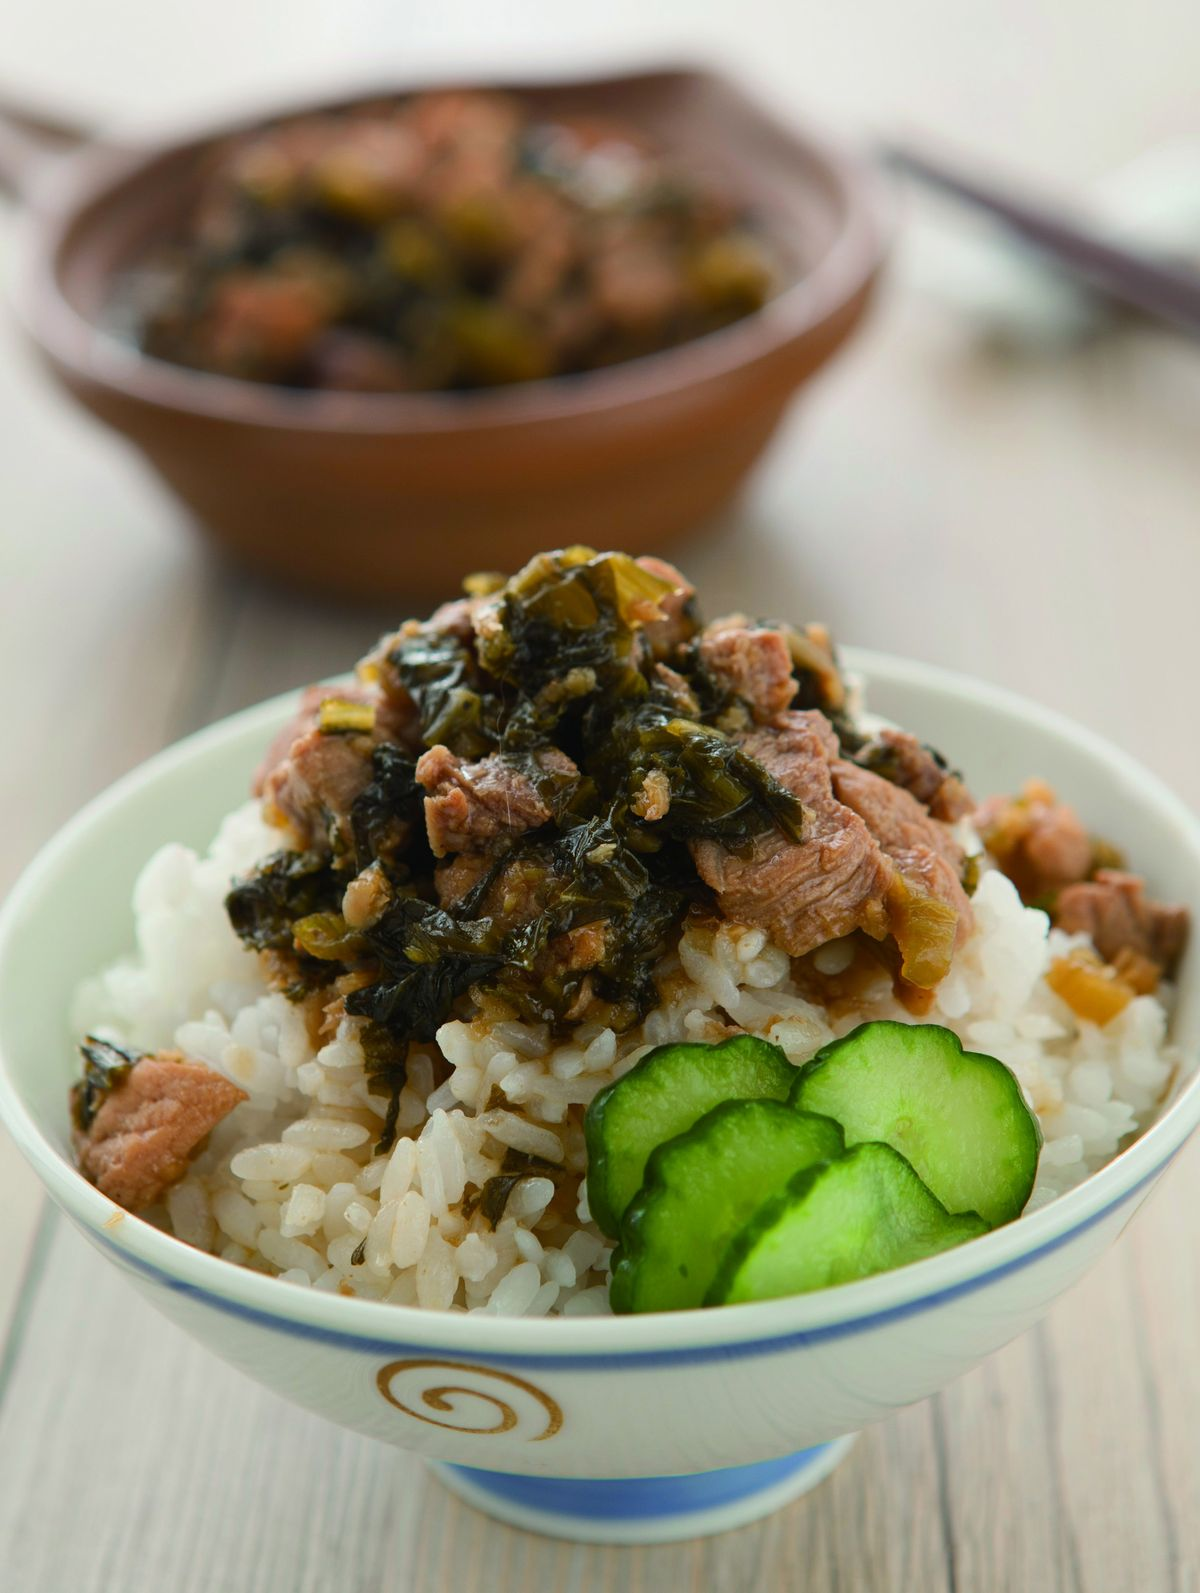 食譜:客家酸菜滷肉飯